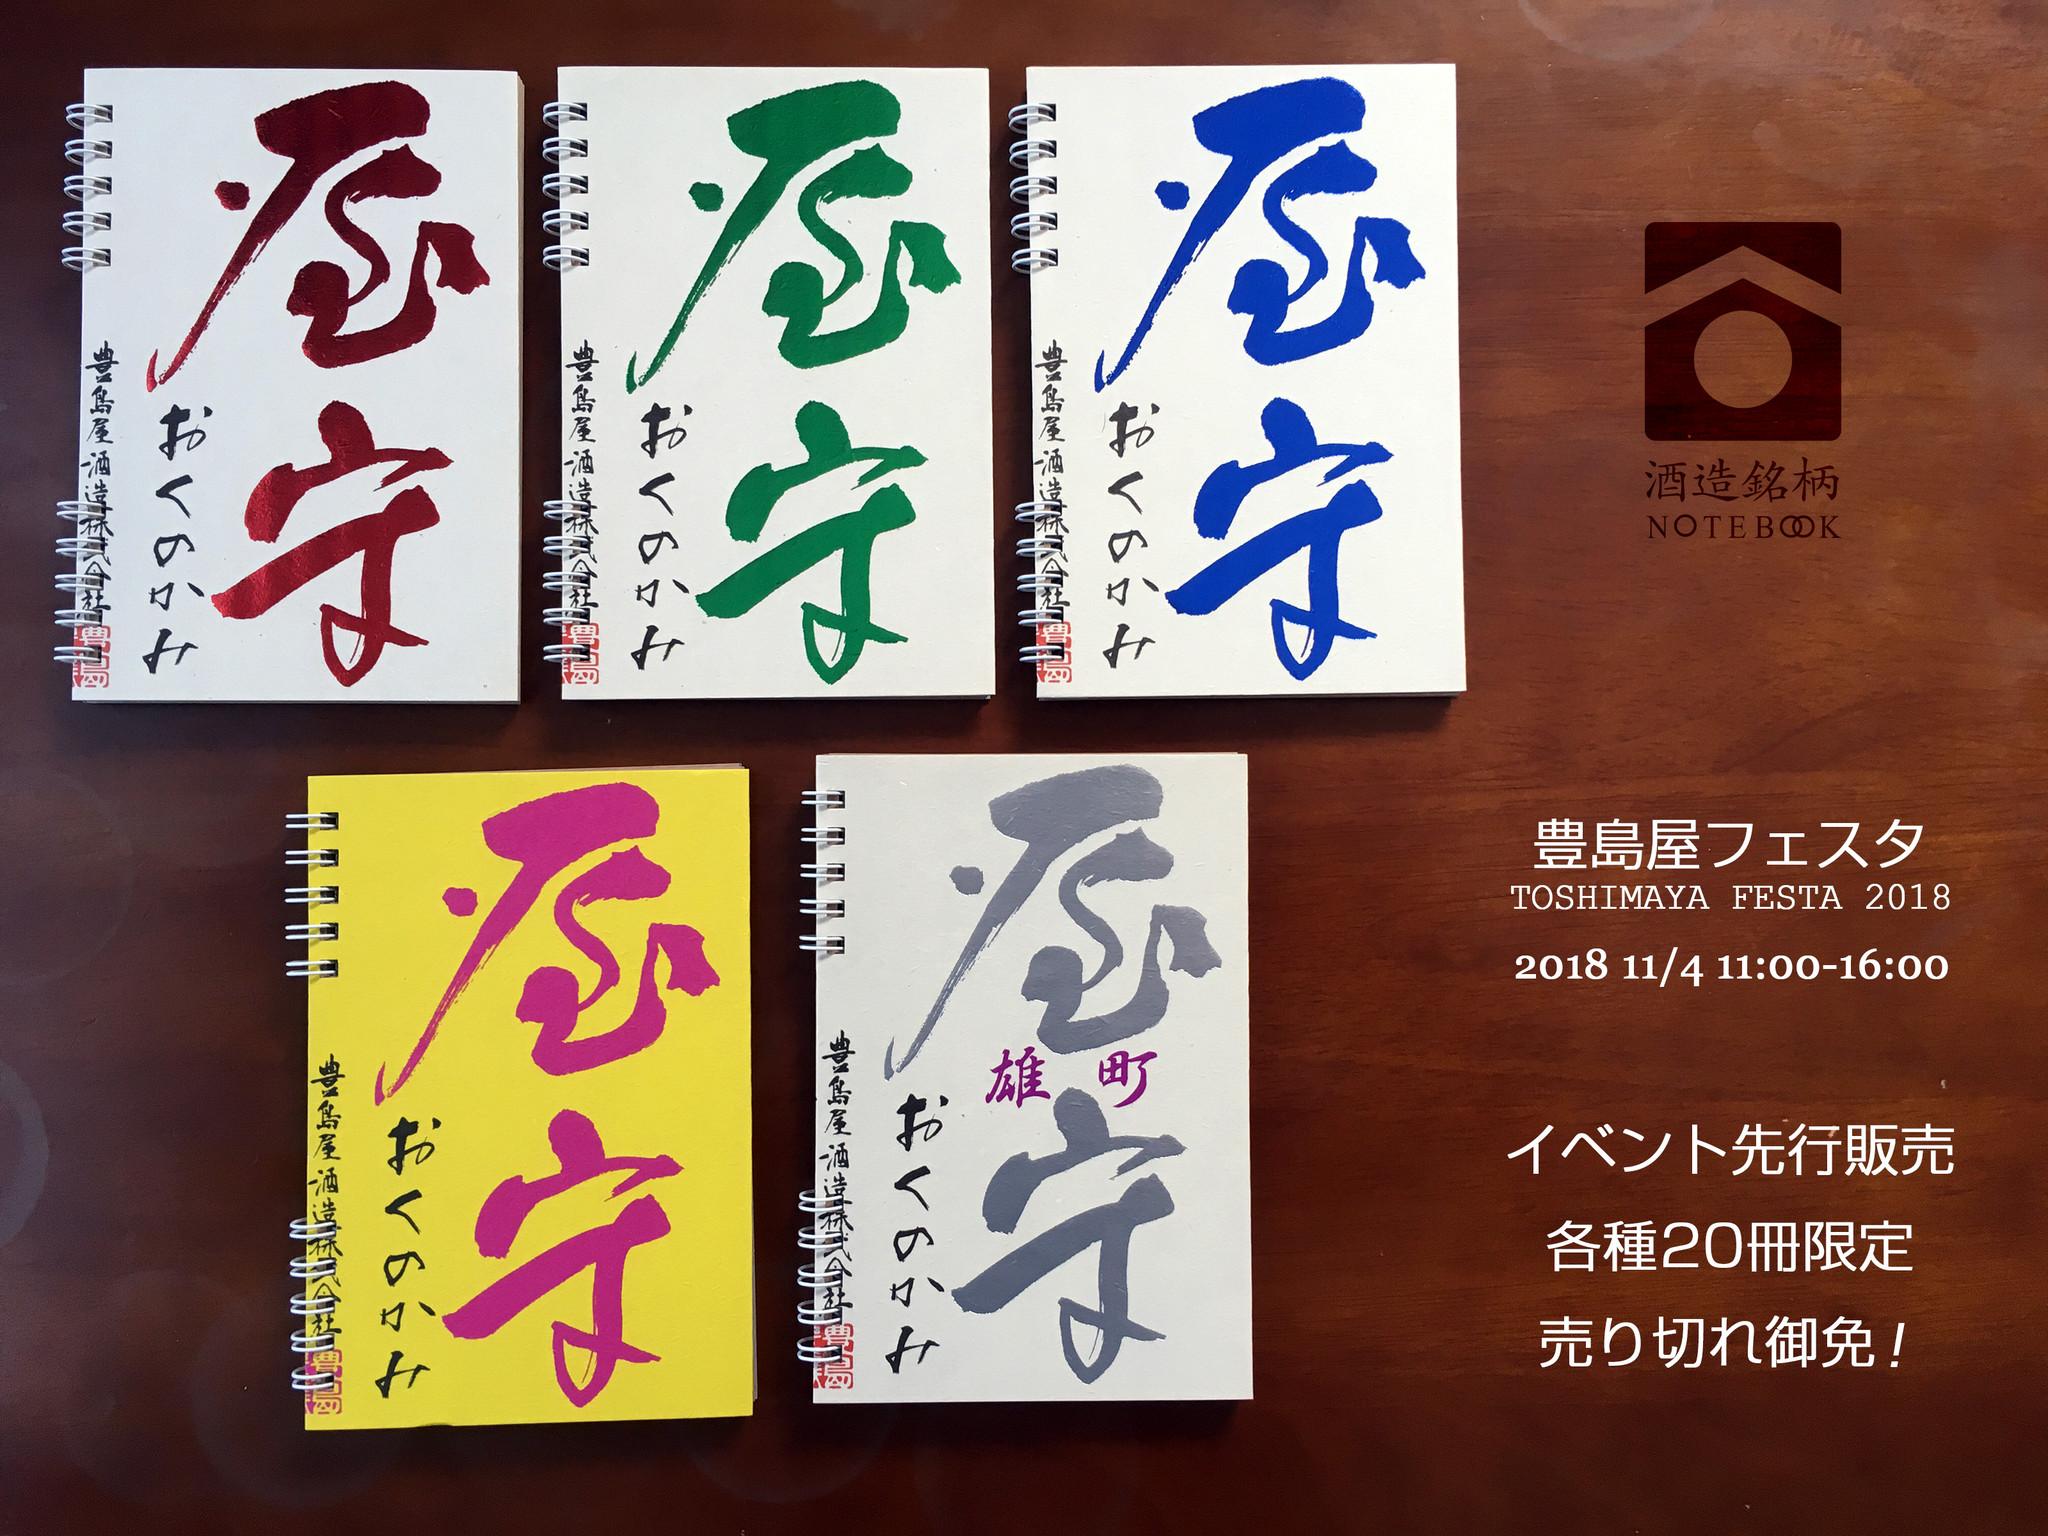 【イベント出店】「豊島屋フェスタ2018」先行販売!各種20冊「屋守(おくのかみ)」ノート